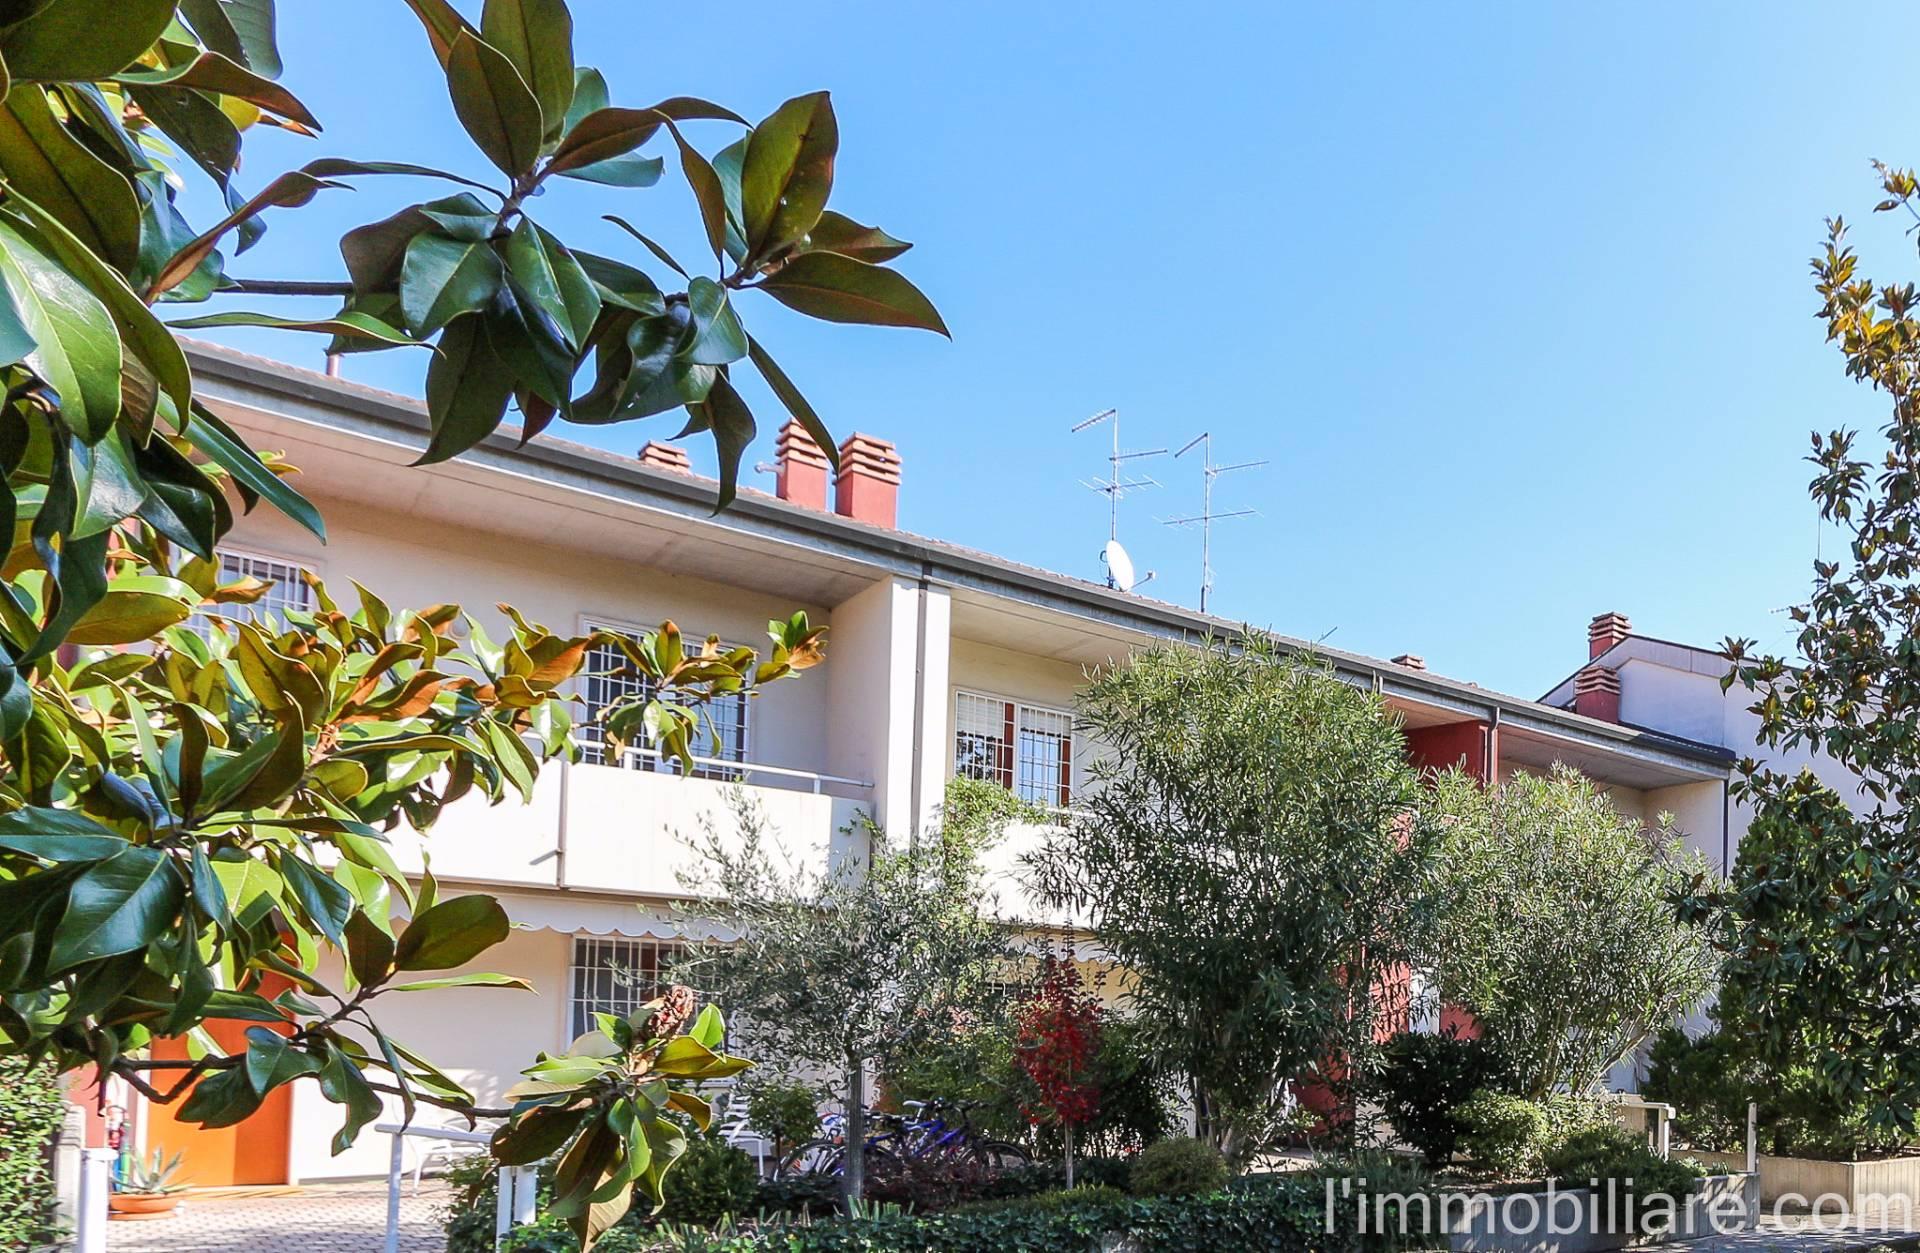 Villetta in Vendita a Verona Semicentro Nord: 5 locali, 265 mq